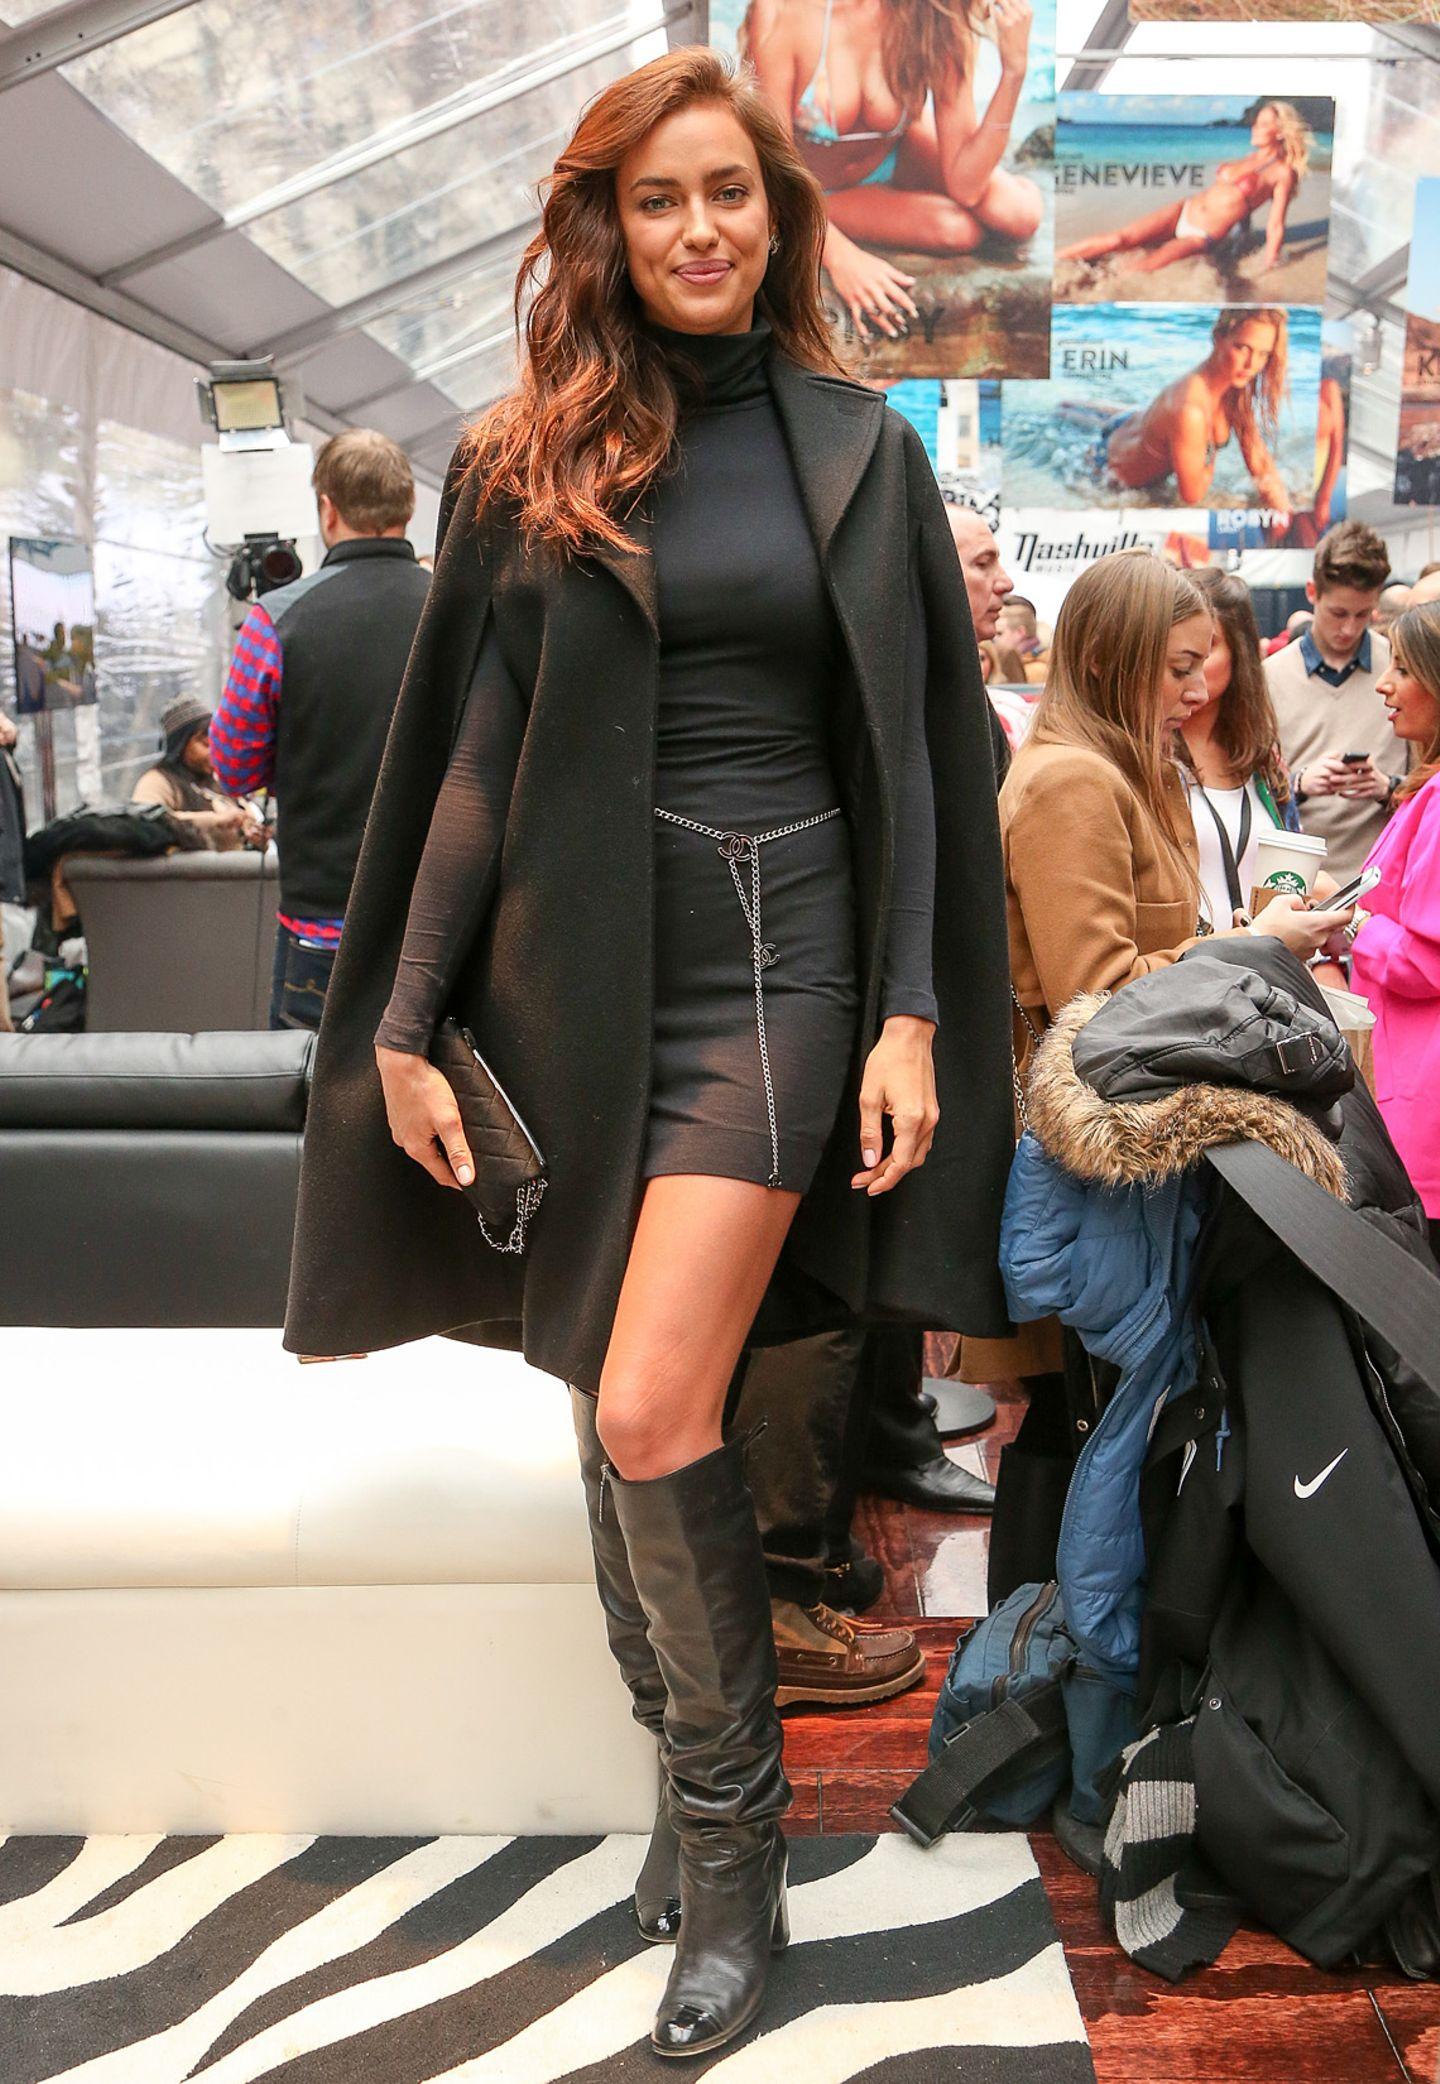 Bei einem Event in New York gibt das dunkle Woll-Cape dem sexy Look von Topmodel Irina Shayk einen eleganten Anstrich.